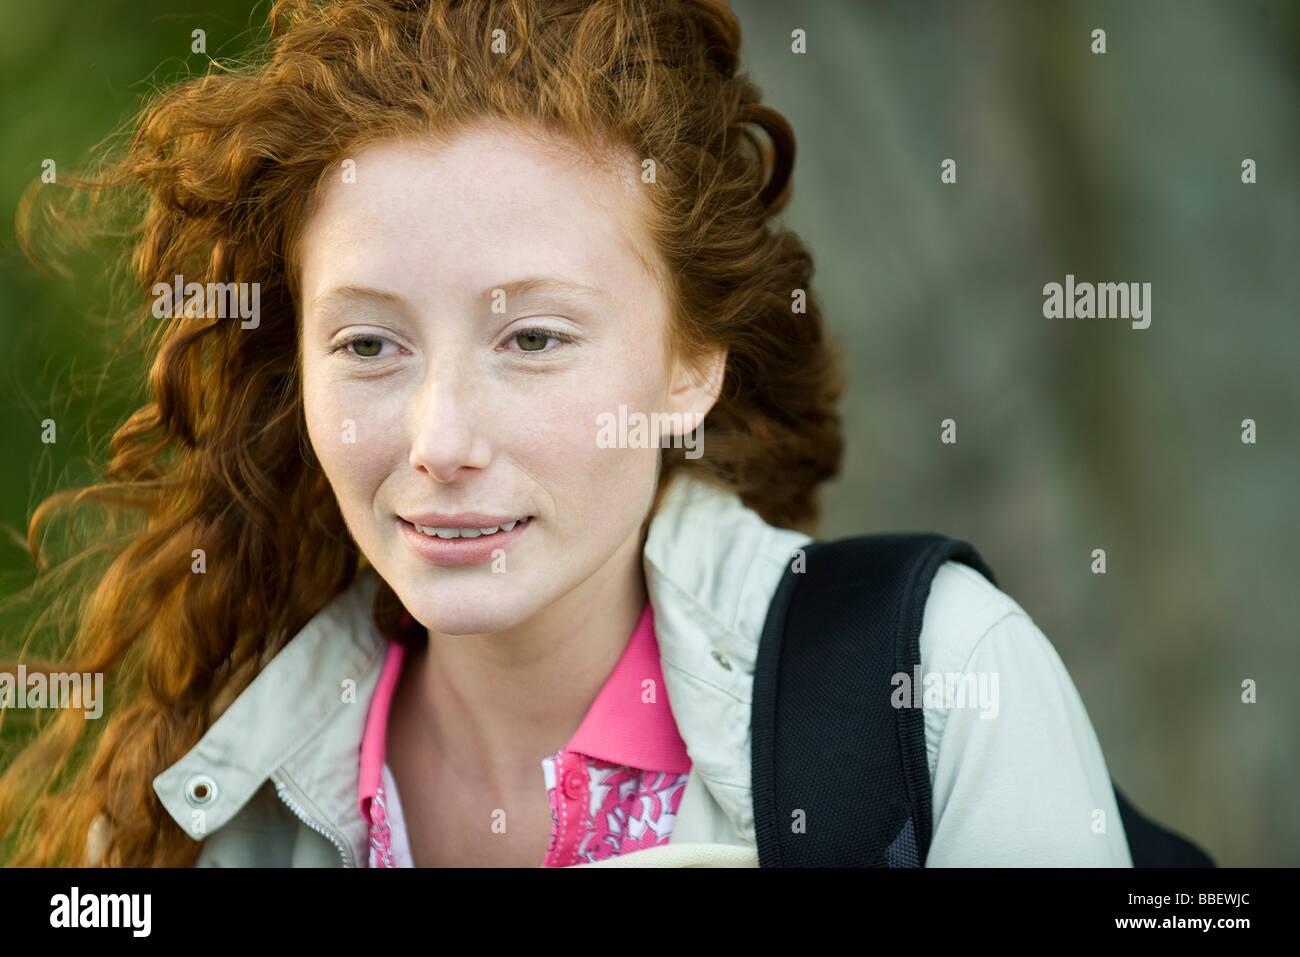 Les jeunes red haired woman outdoors, portrait Banque D'Images